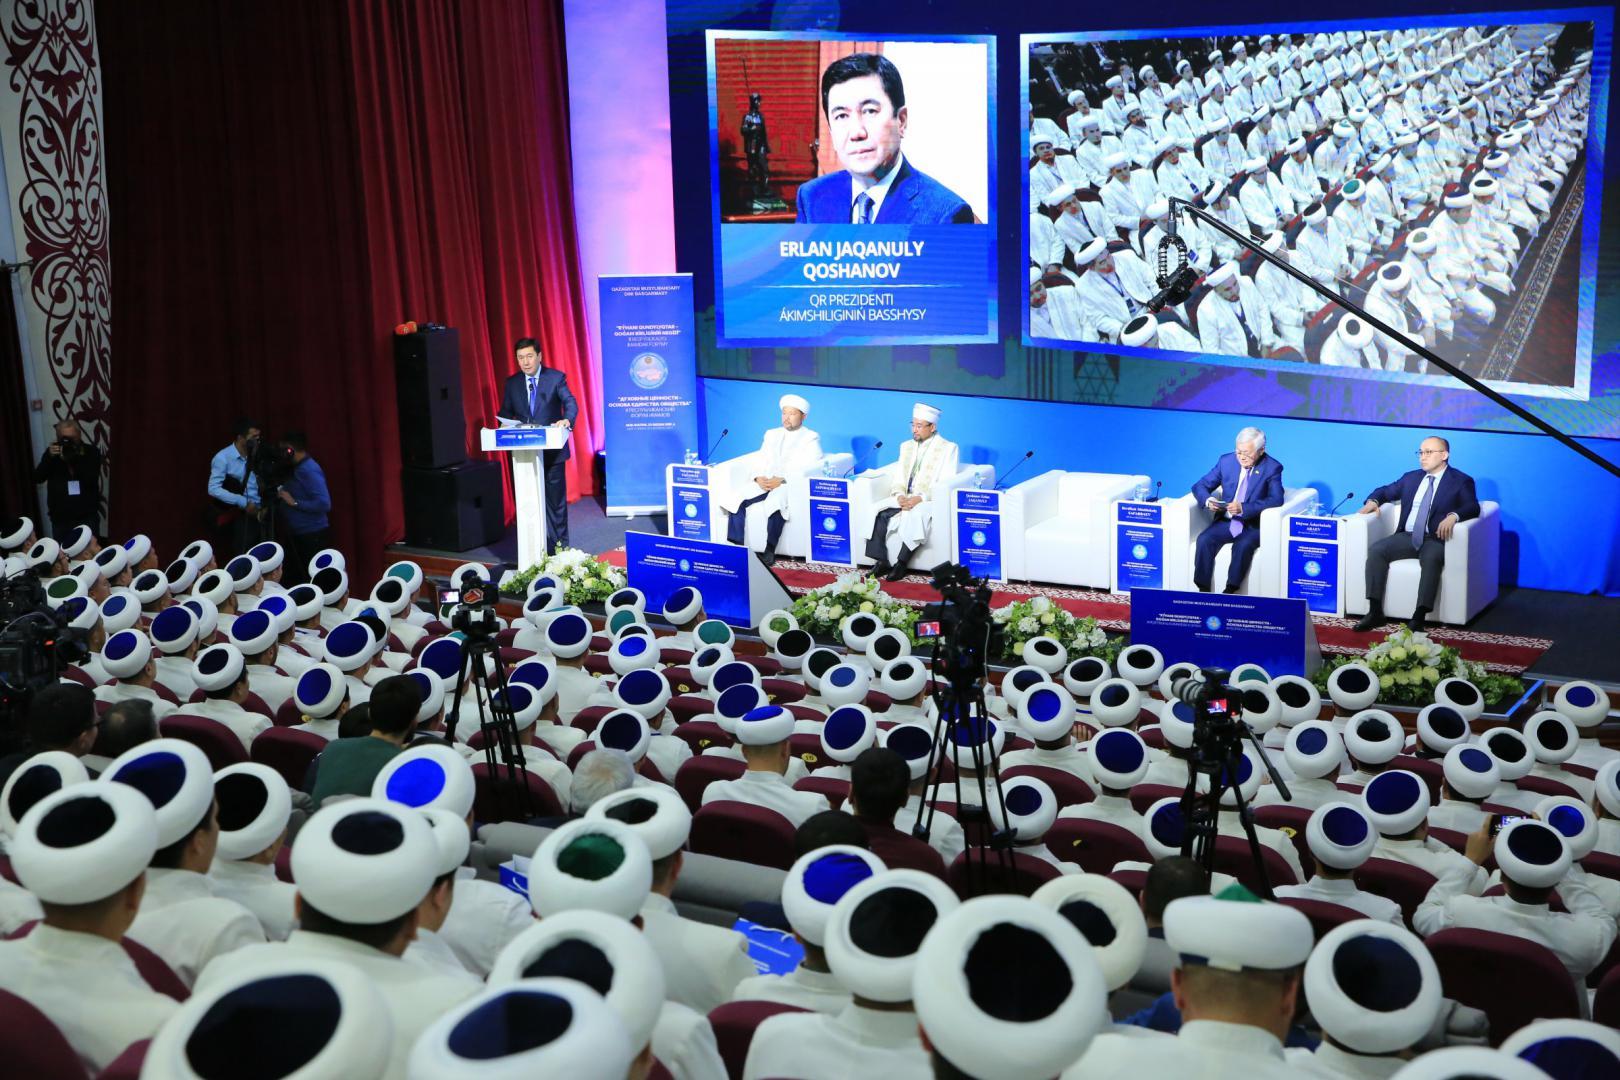 Қасым-Жомарт Тоқаев: Форум ҚМДБ жұмысына тың серпін береді